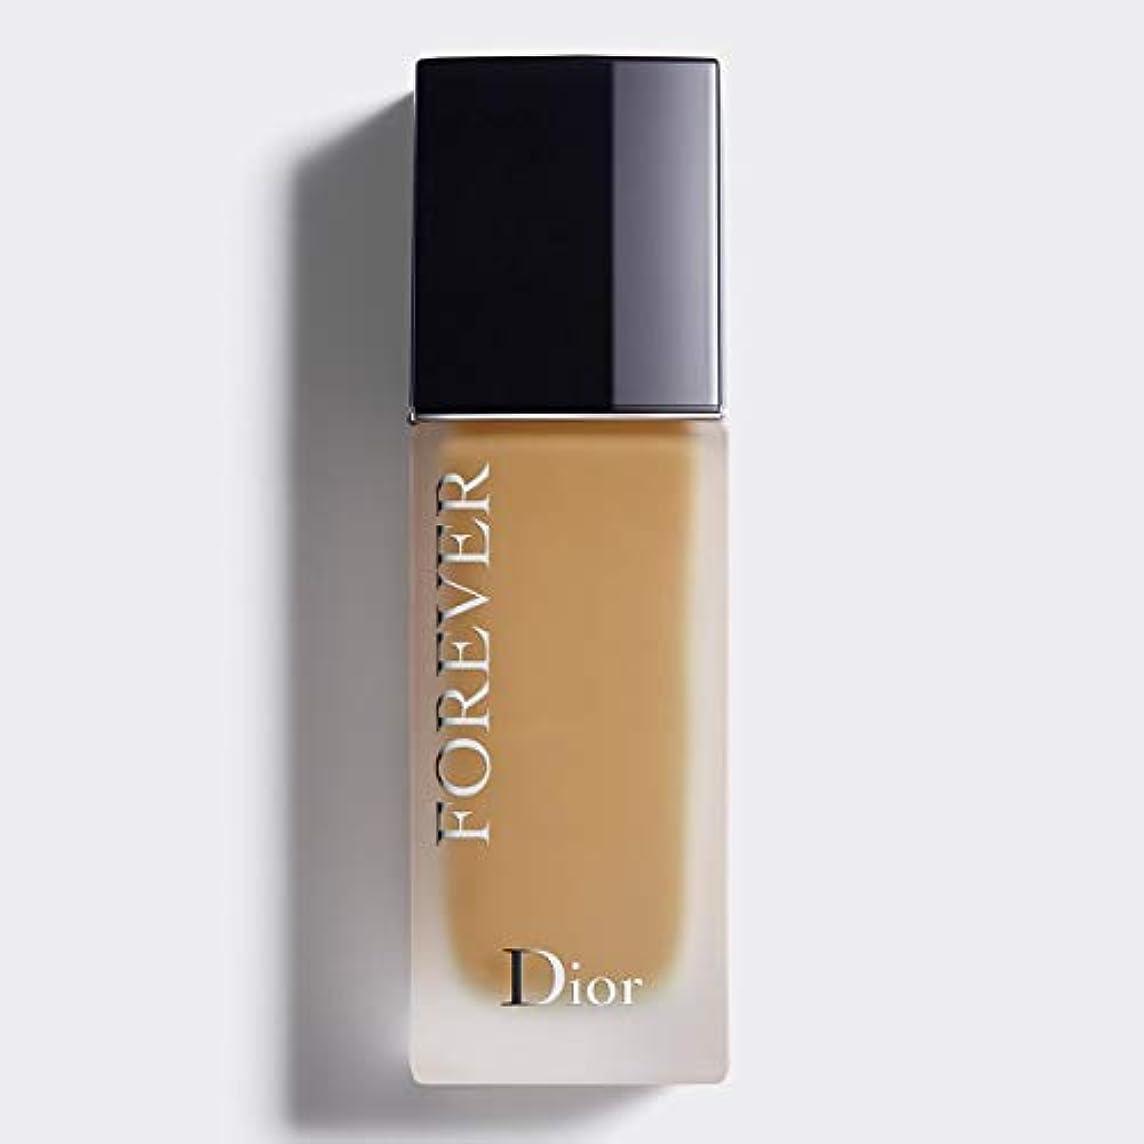 マリナー相対サイズ神秘クリスチャンディオール Dior Forever 24H Wear High Perfection Foundation SPF 35 - # 4WO (Warm Olive) 30ml/1oz並行輸入品